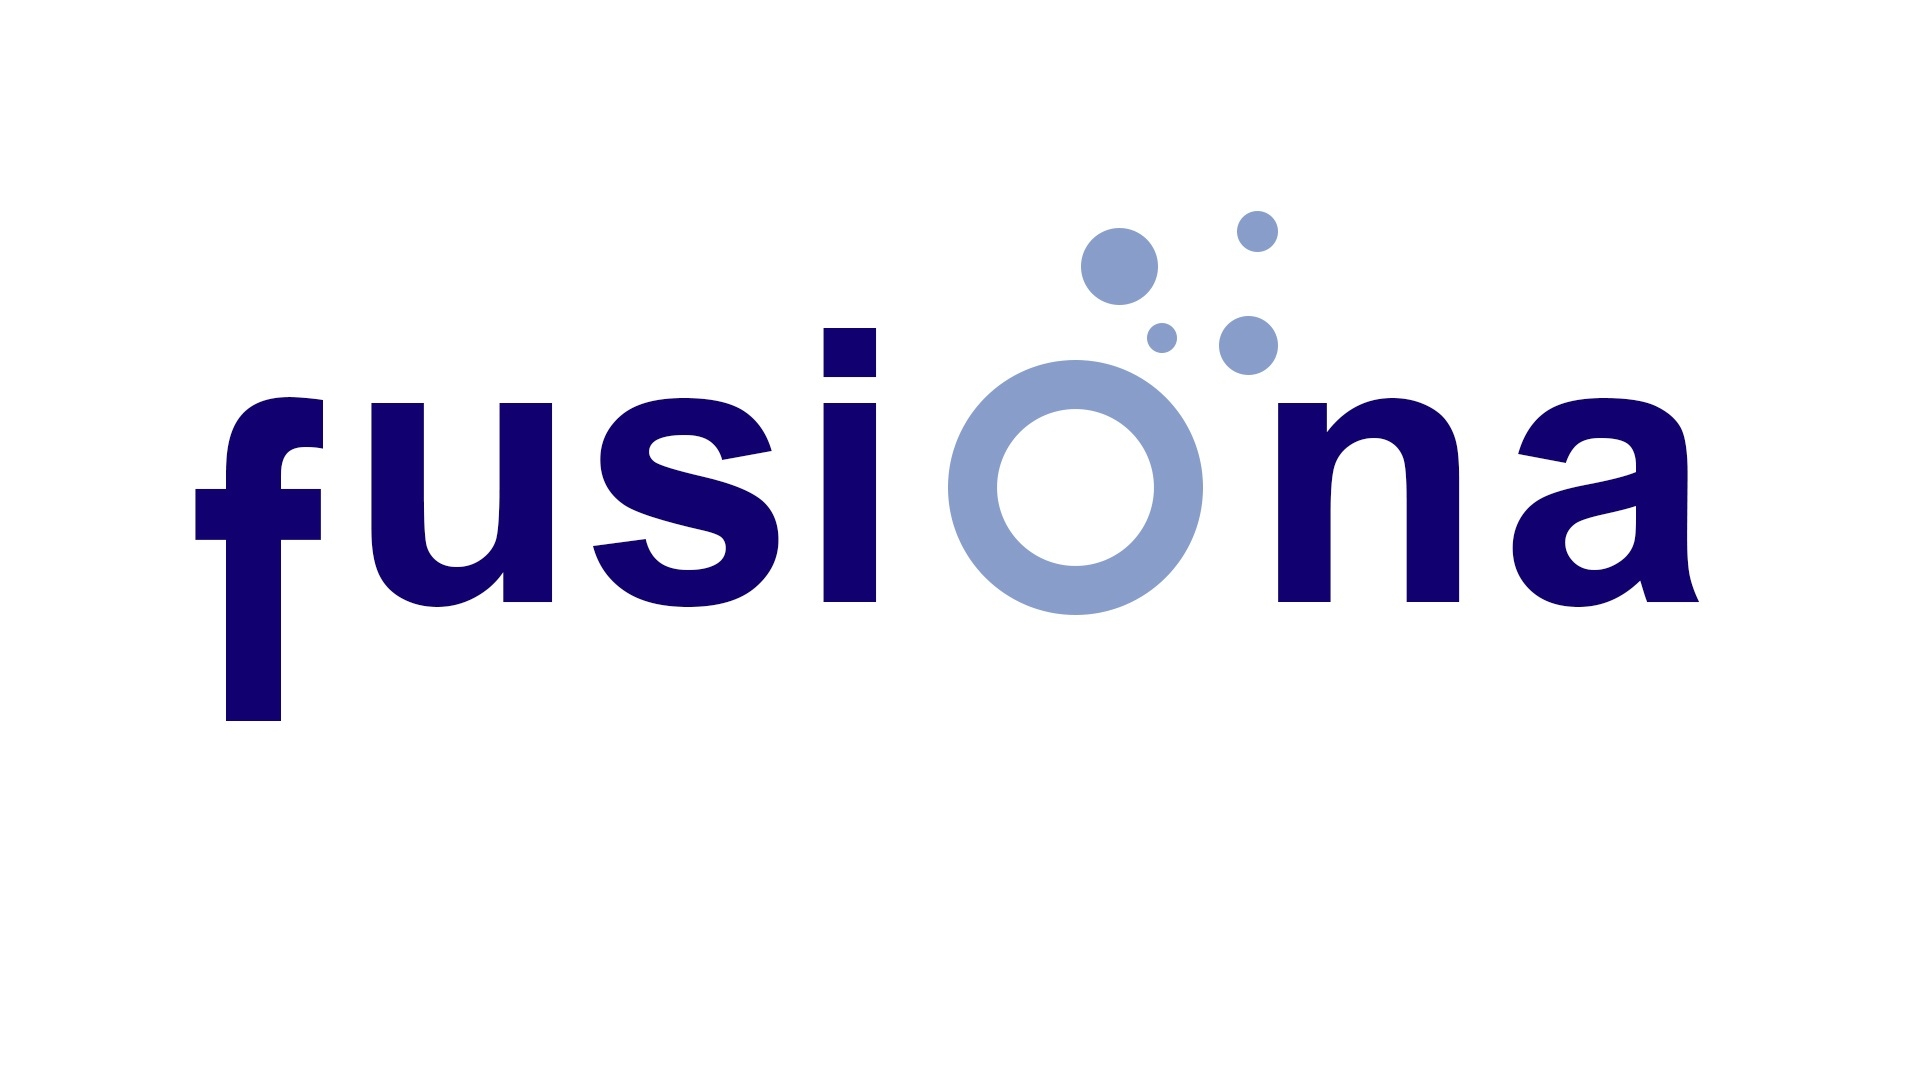 Fusiona - Soluciones energéticas, Energía, Gas, Electricidad, Autoconsumo, Luz